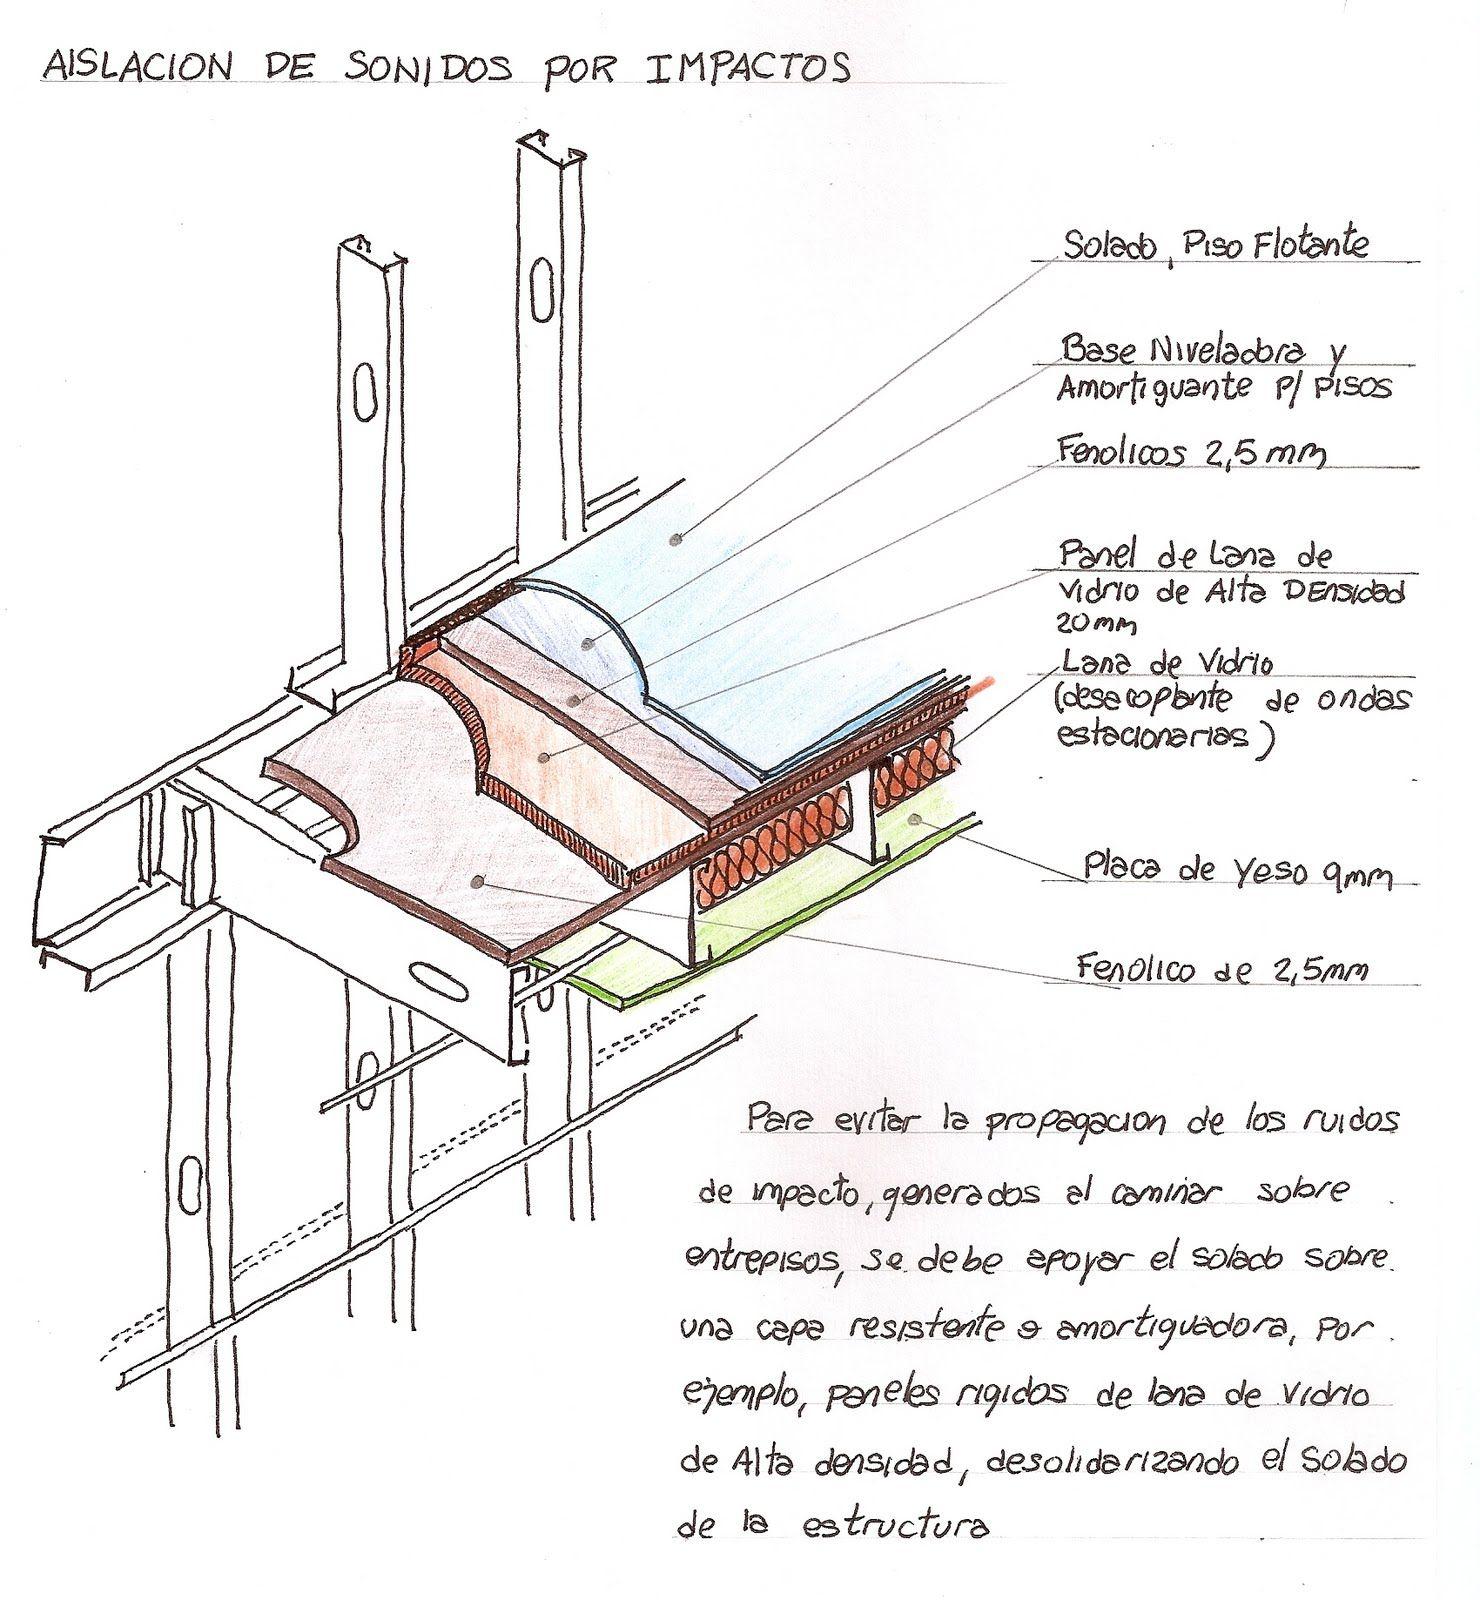 techos de steel framing - Buscar con Google   Cosas que deseo probar ...